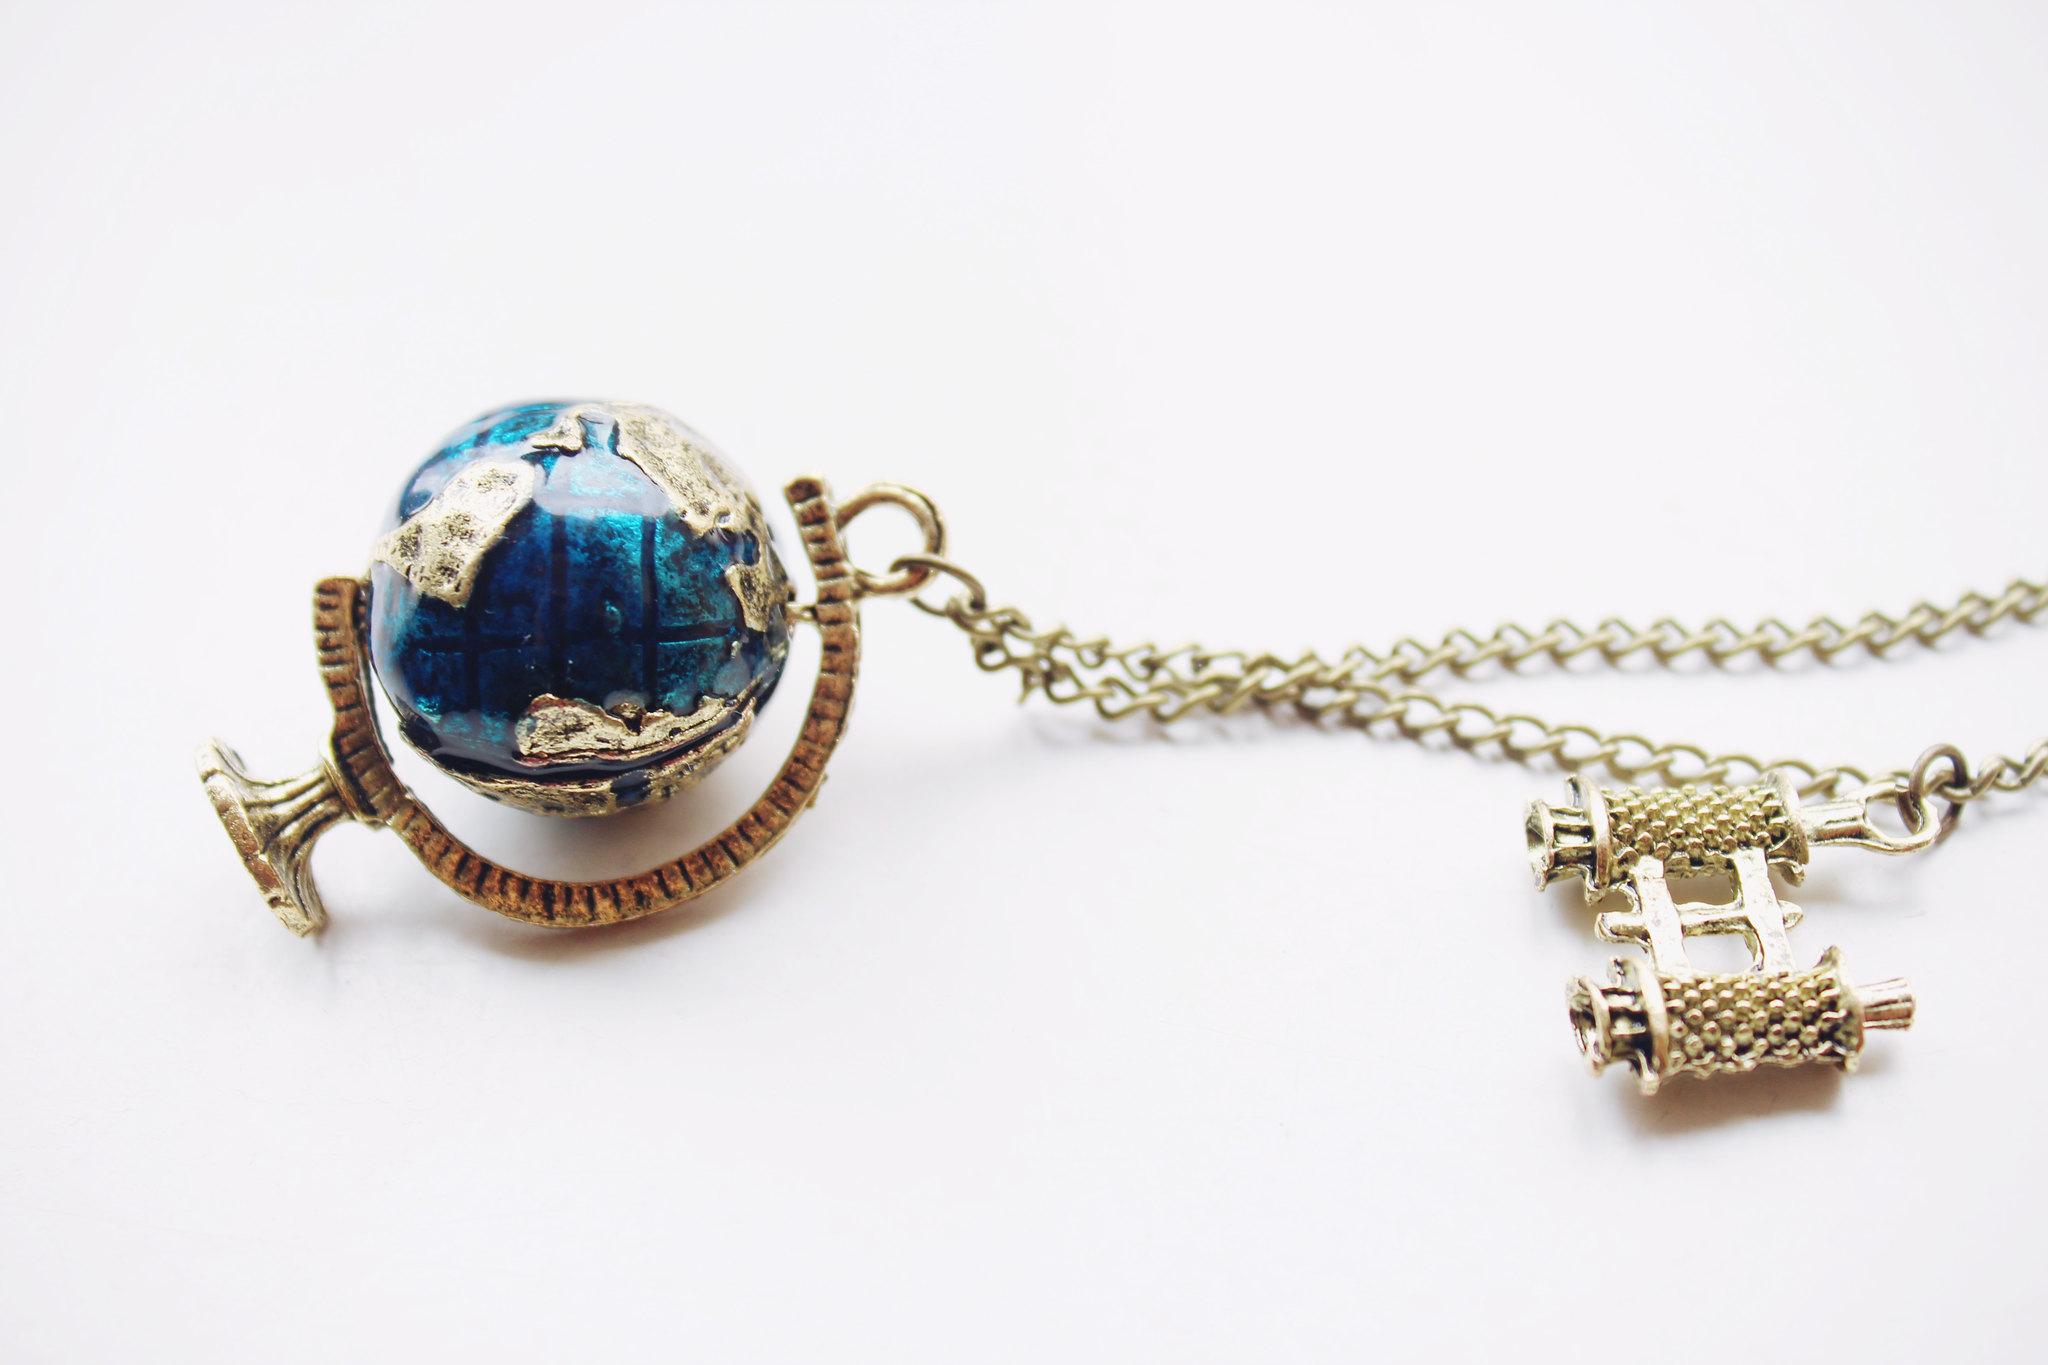 globuss-camera-traveling-necklace-ebay